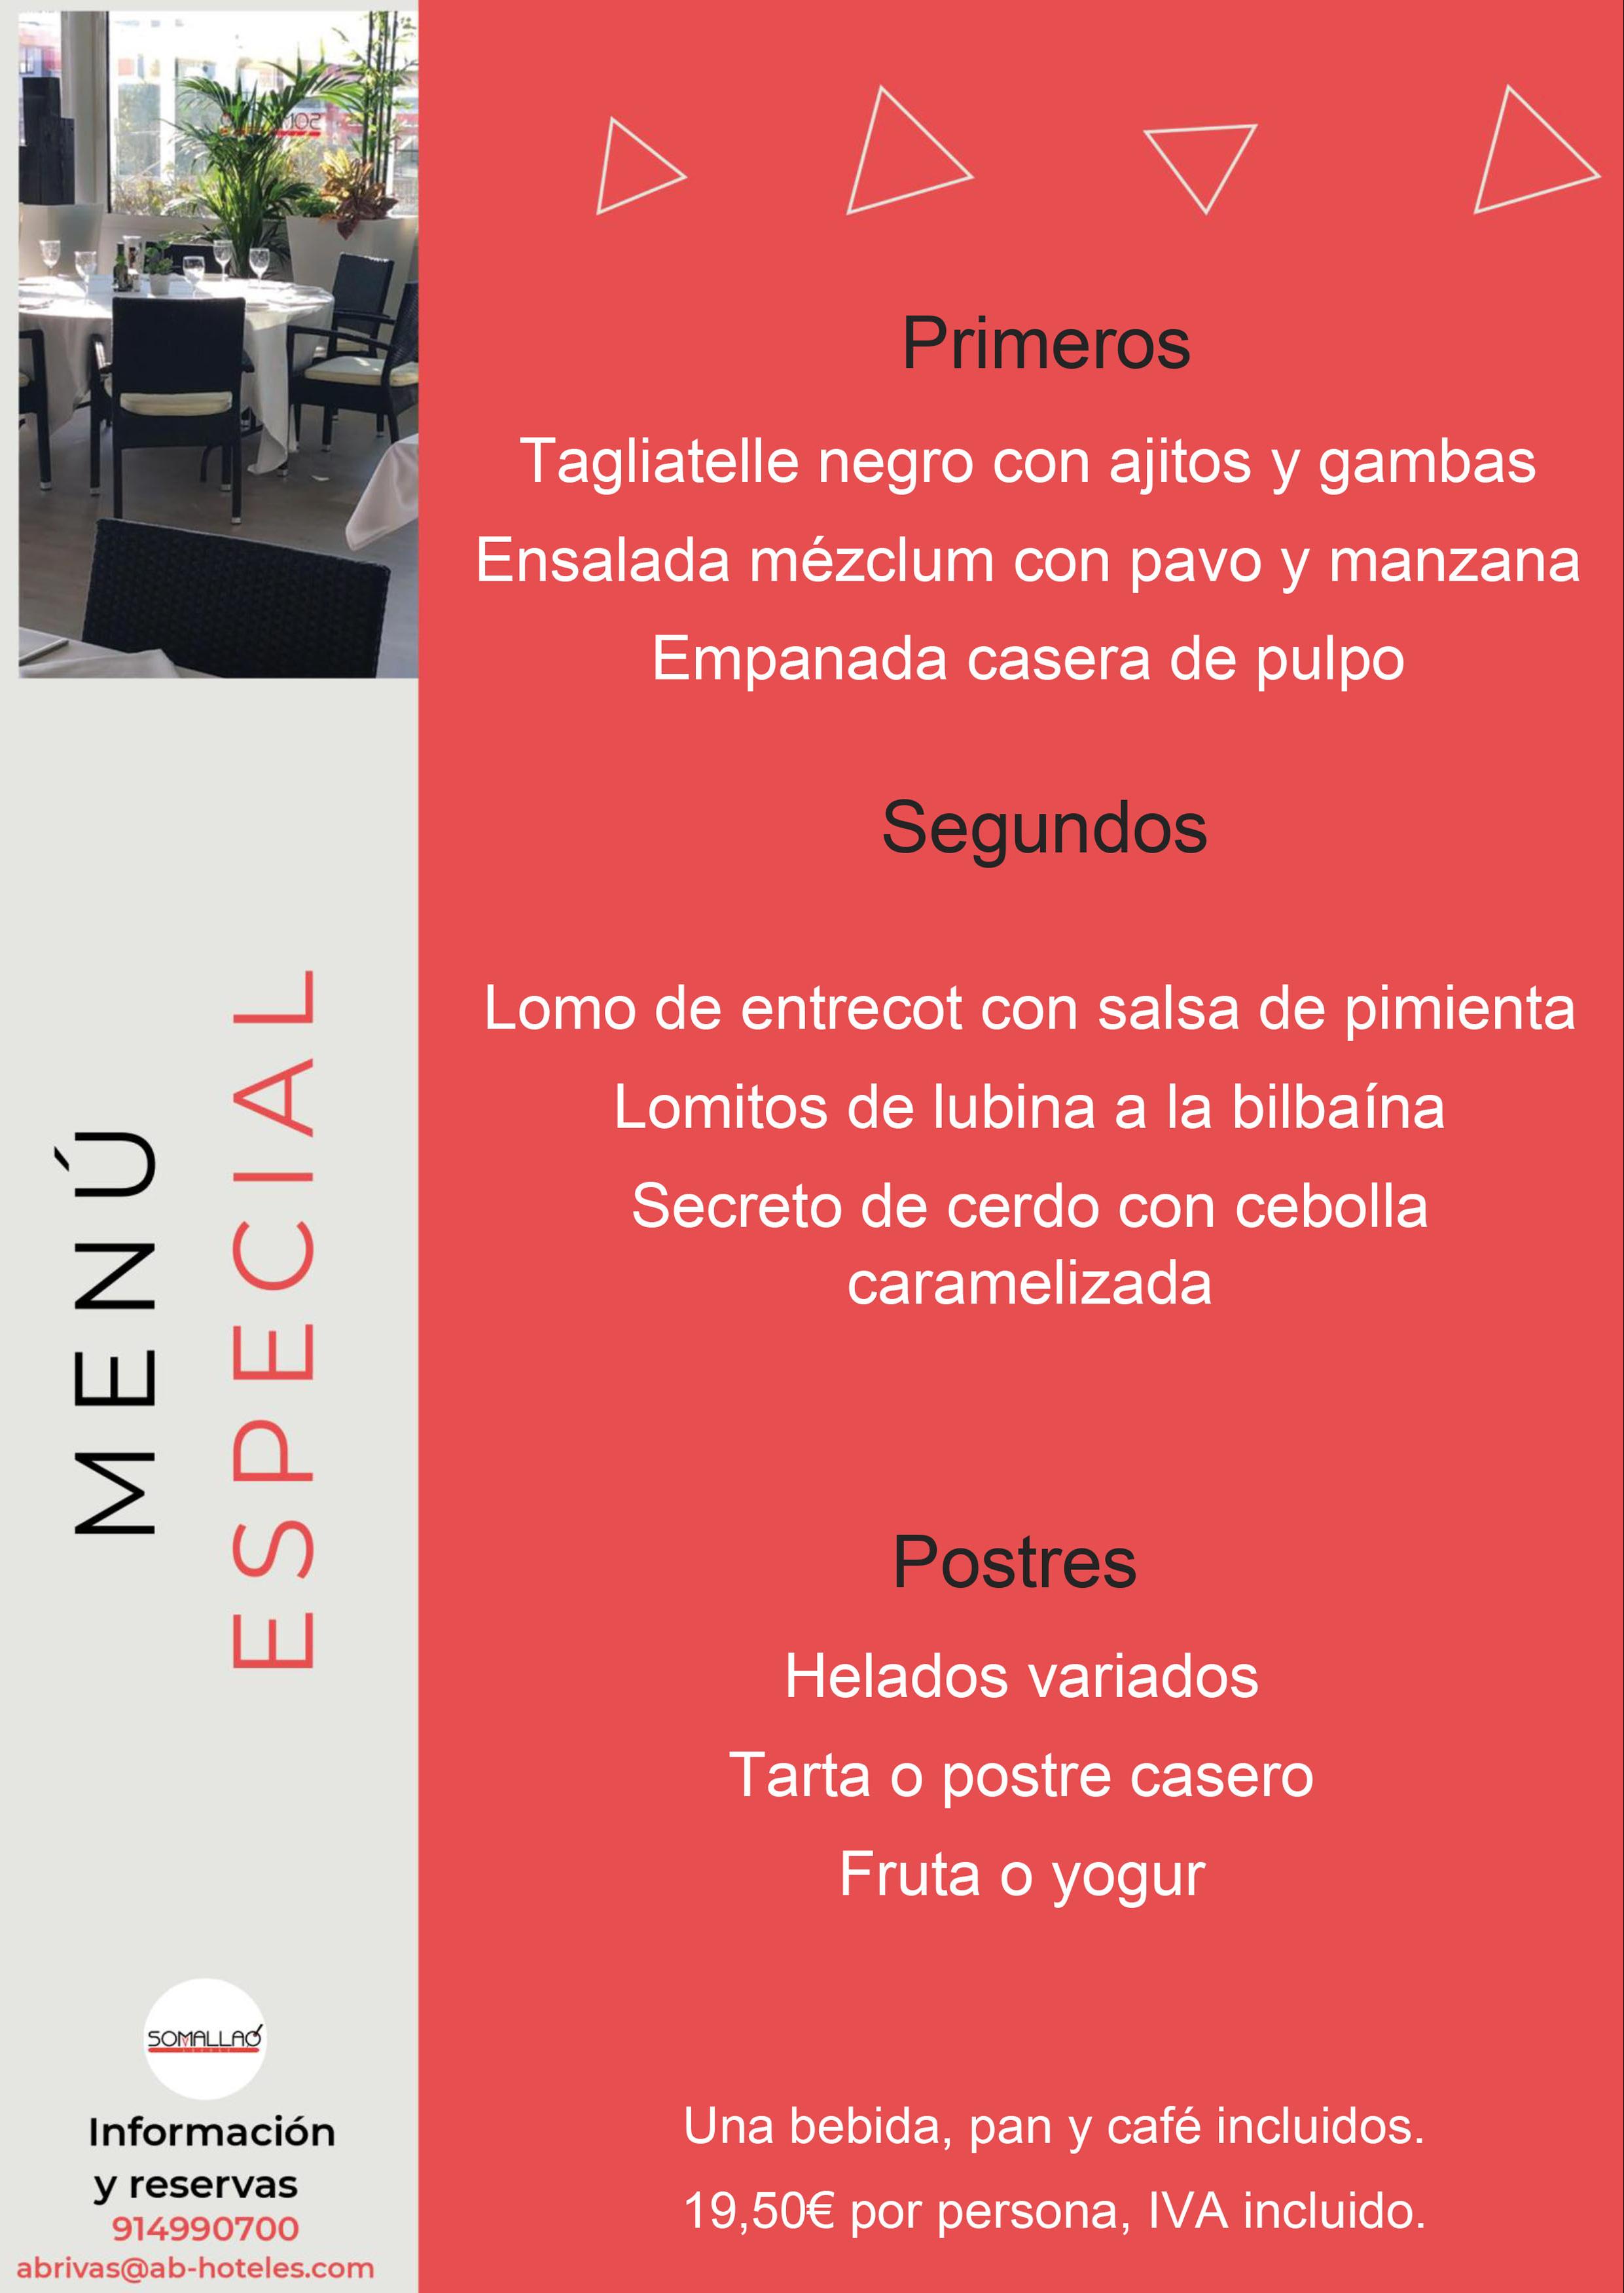 Restaurante Somallao - Menú Especial 2 al 8 de Junio de 2021.jpg